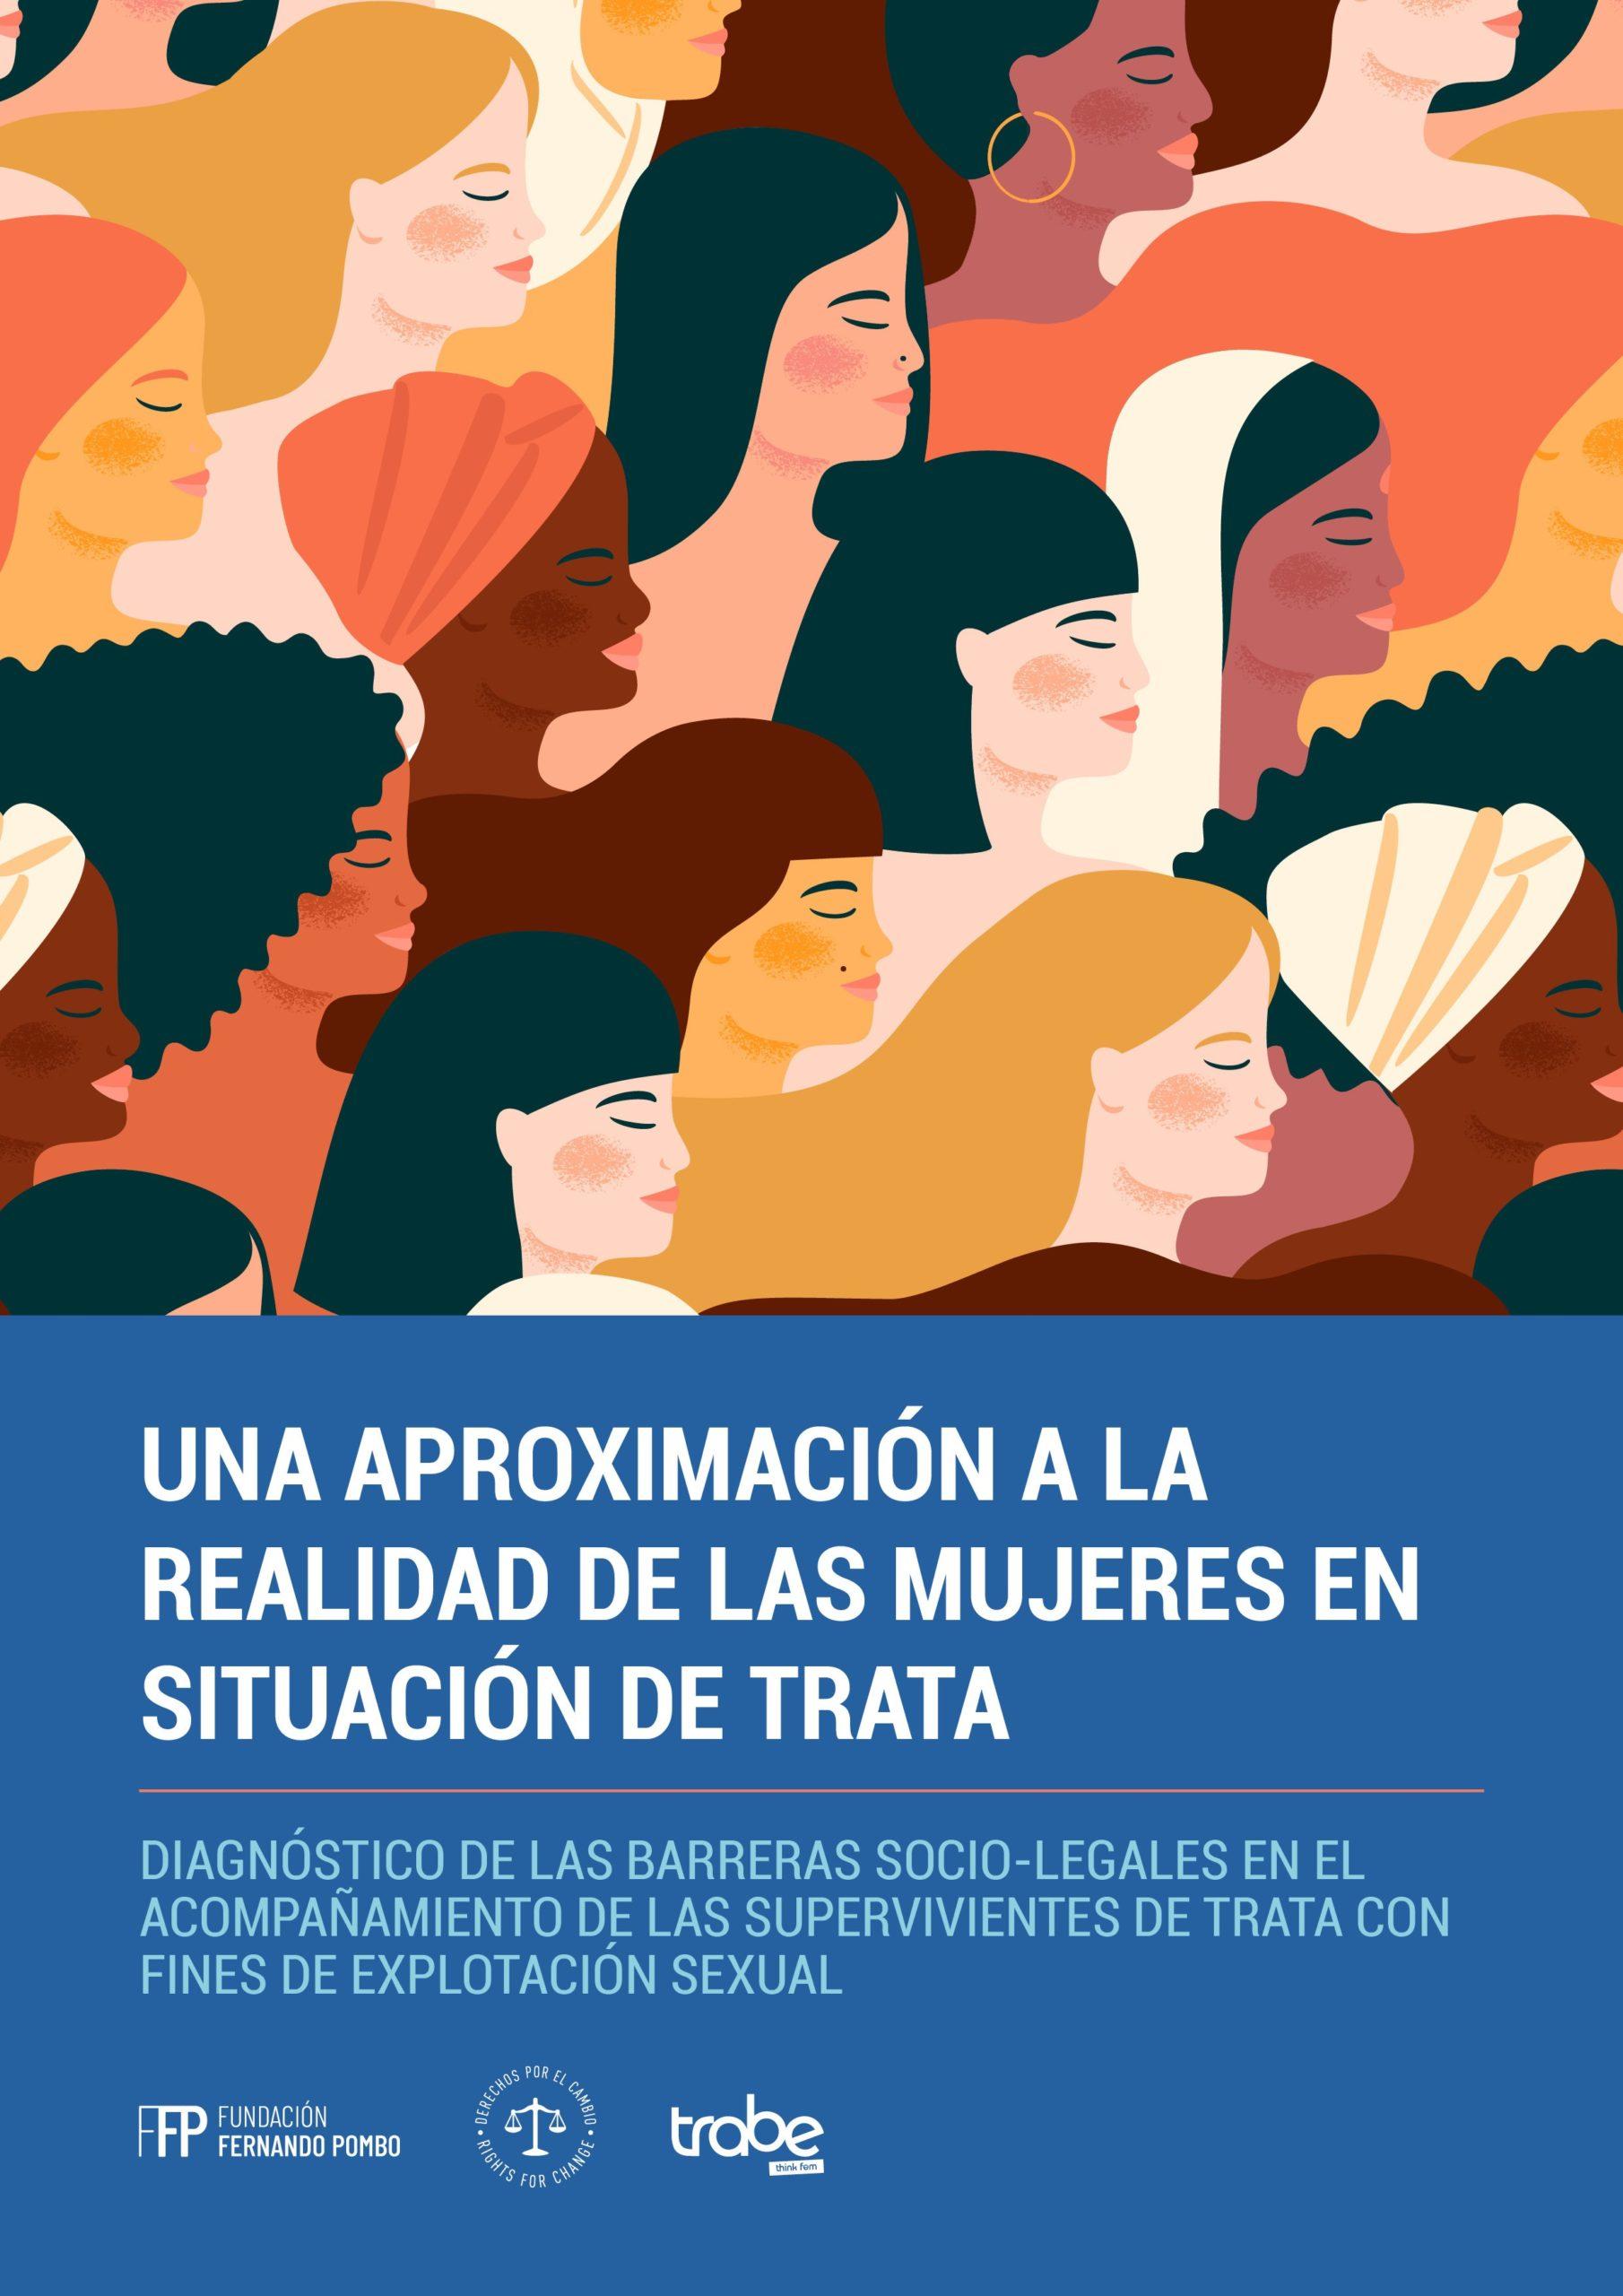 Informe: Una aproximación a la realidad de las mujeres en situación de trata